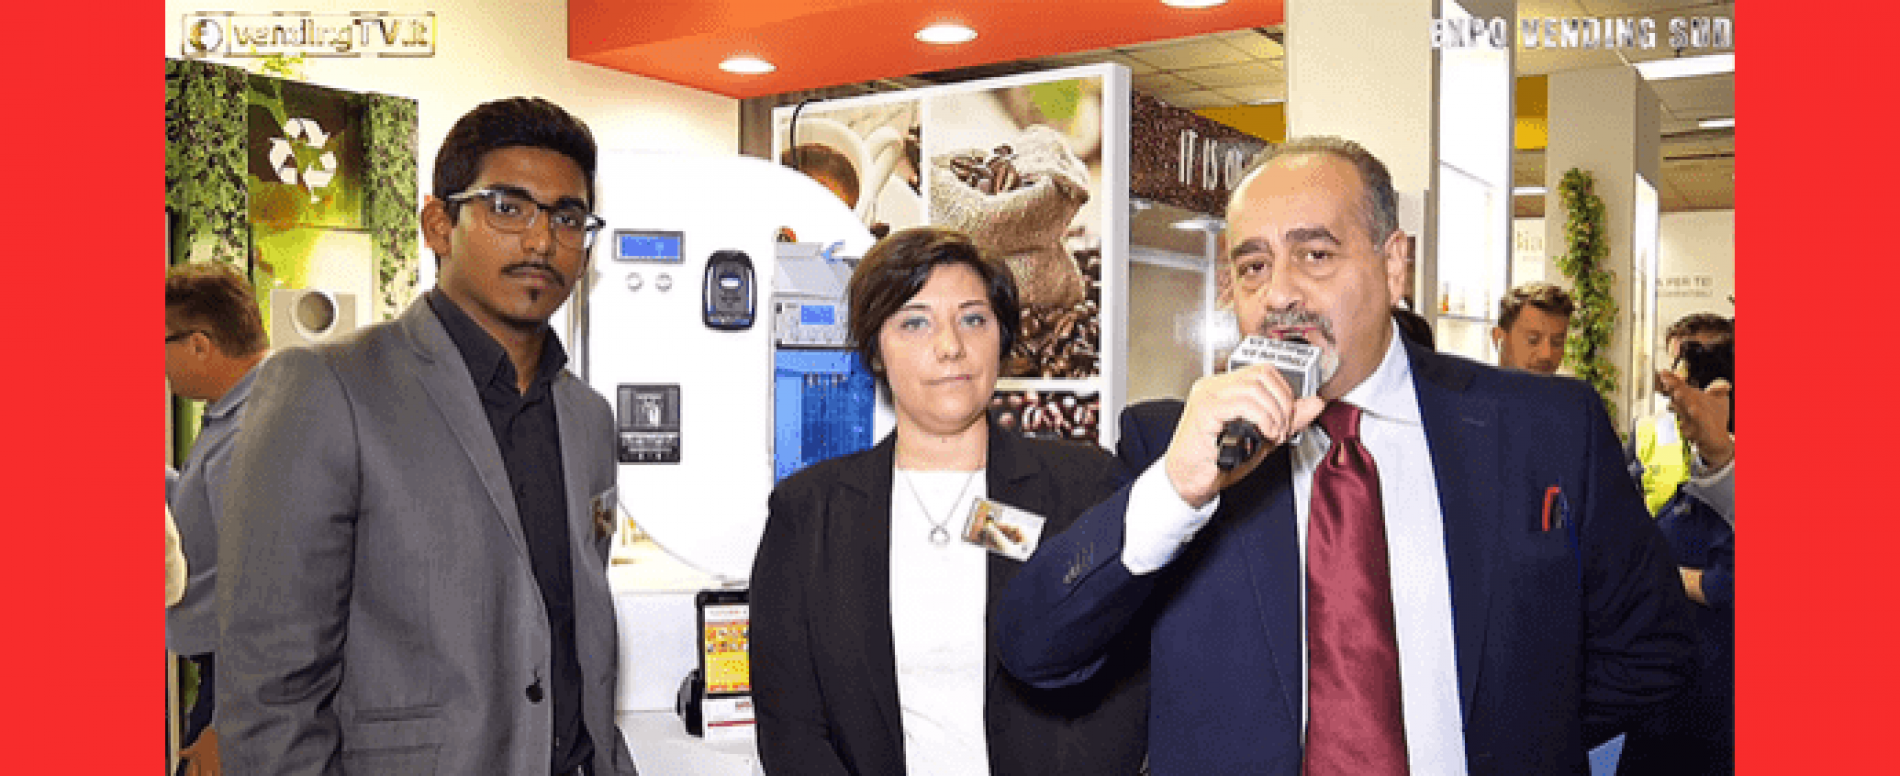 Expo Vending Sud 2019 – Intervista con A.M. Coco, CEO di SISOFT